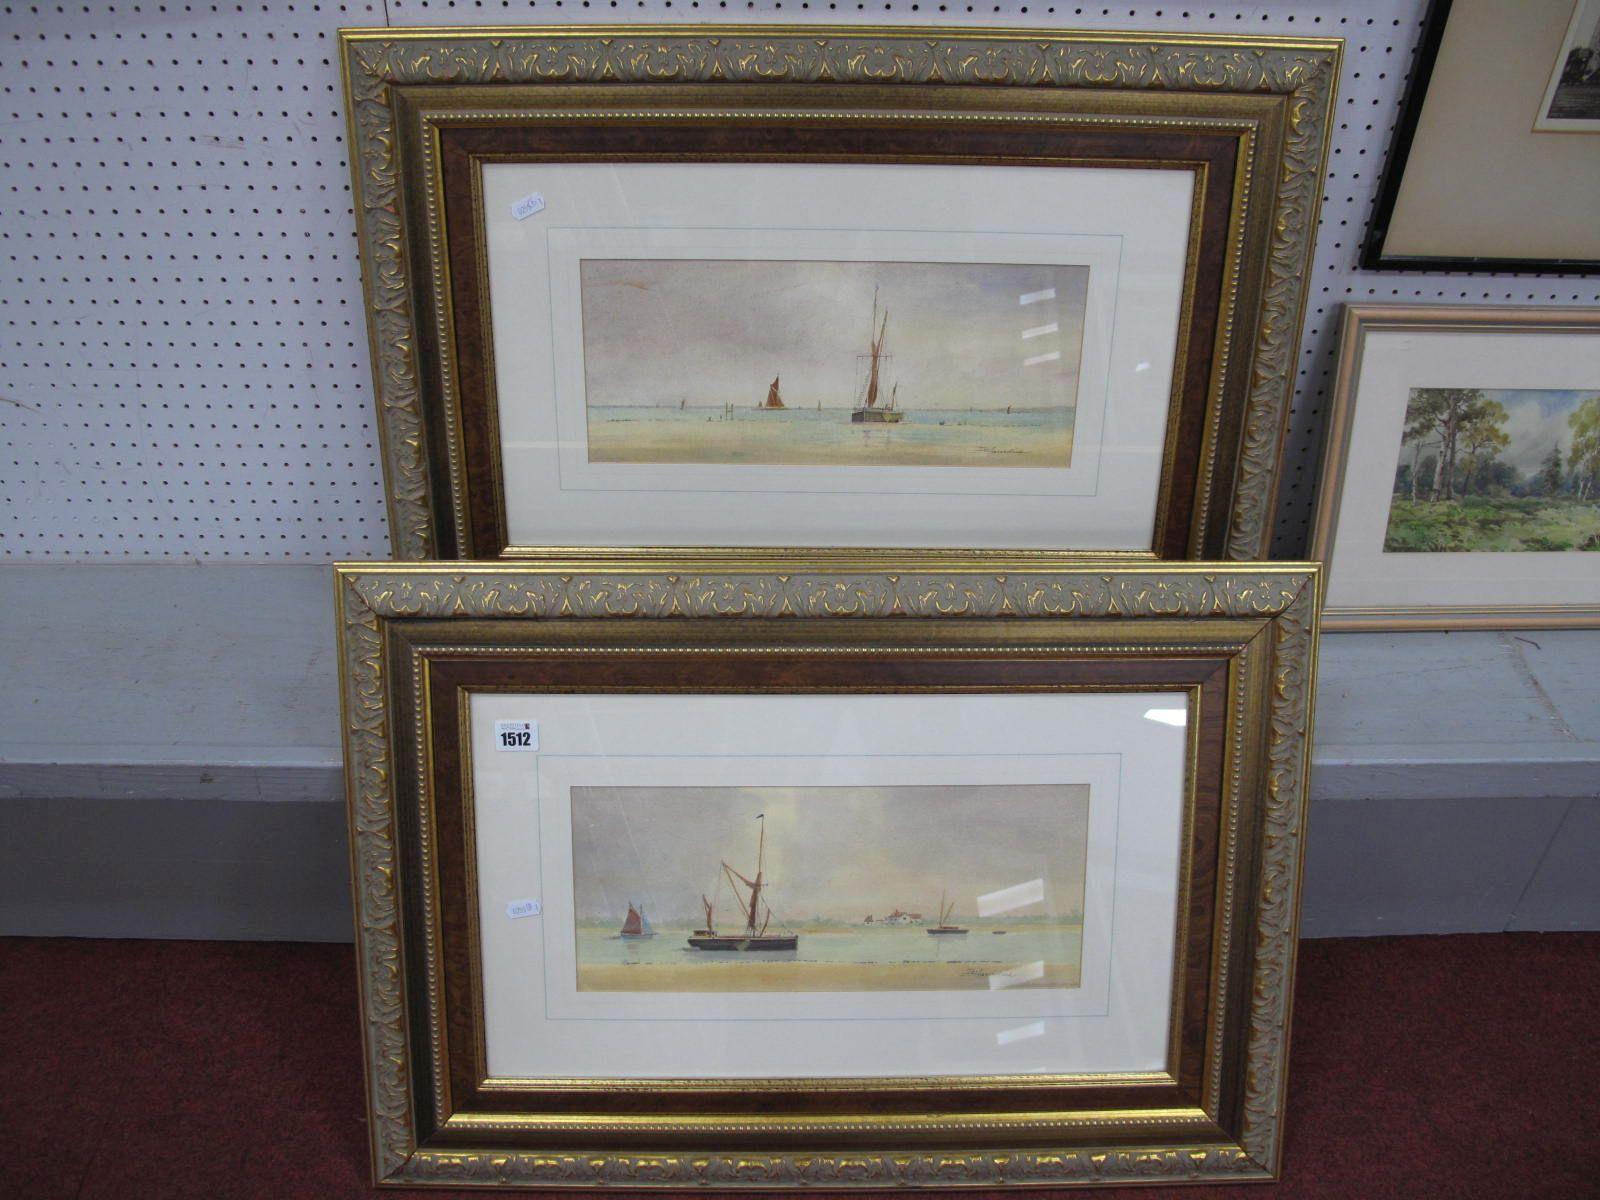 Des Harradine (Essex Artist), Tranquil Estuary Scenes, pair of watercolour's, 16 x 37.5cm, signed.